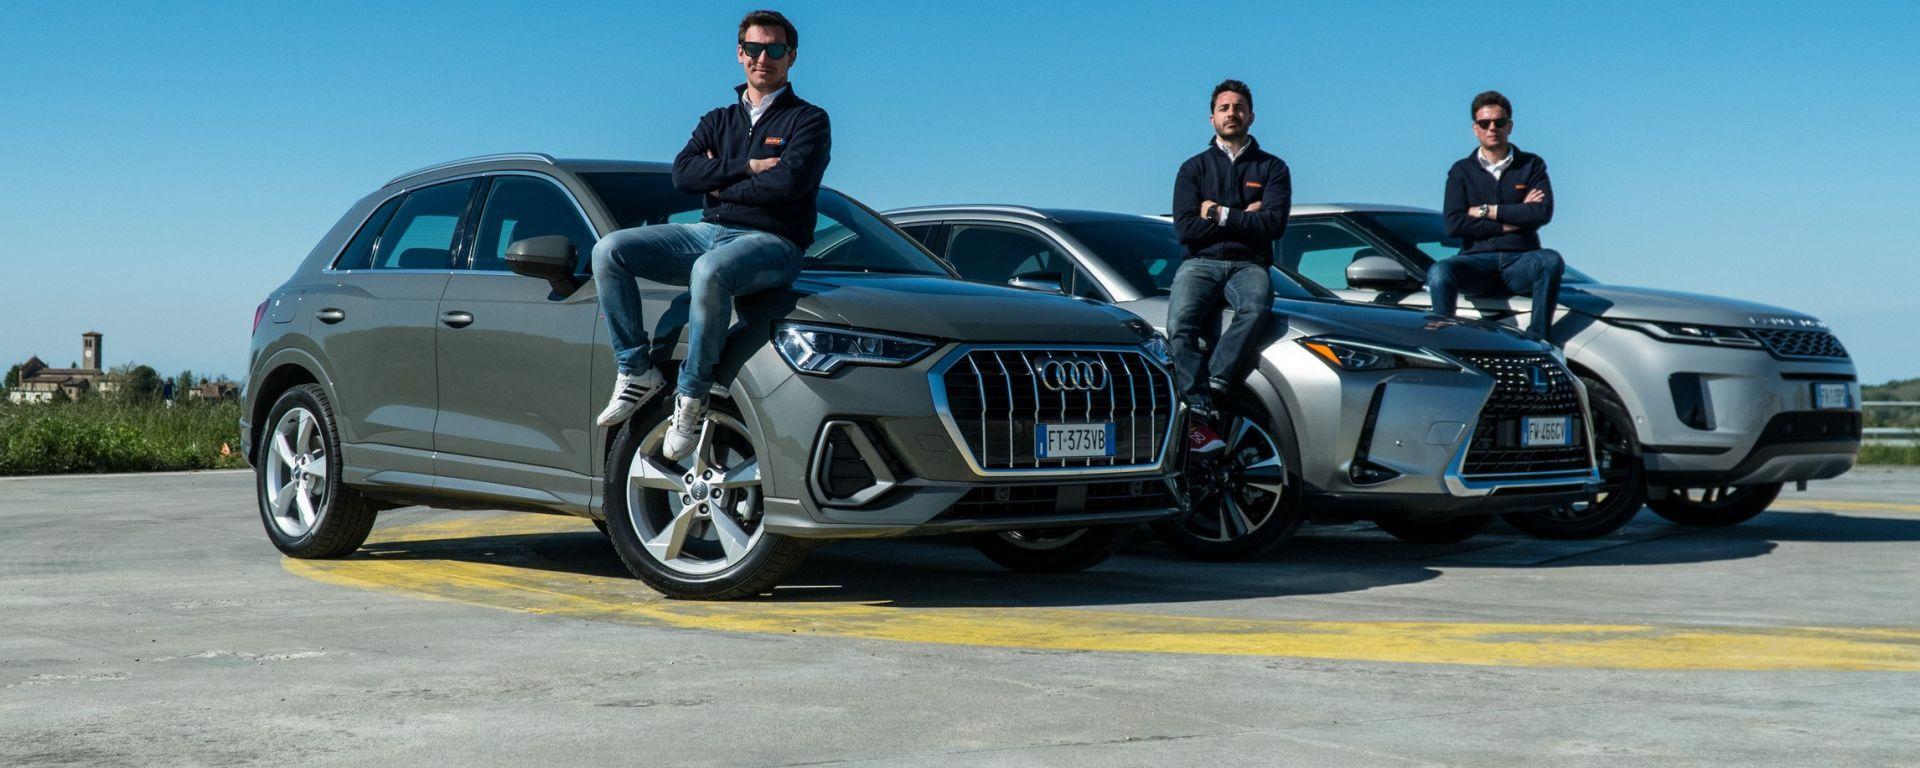 Confronto SUV premium: Audi Q3, Range Rover Evoque, Lexus UX